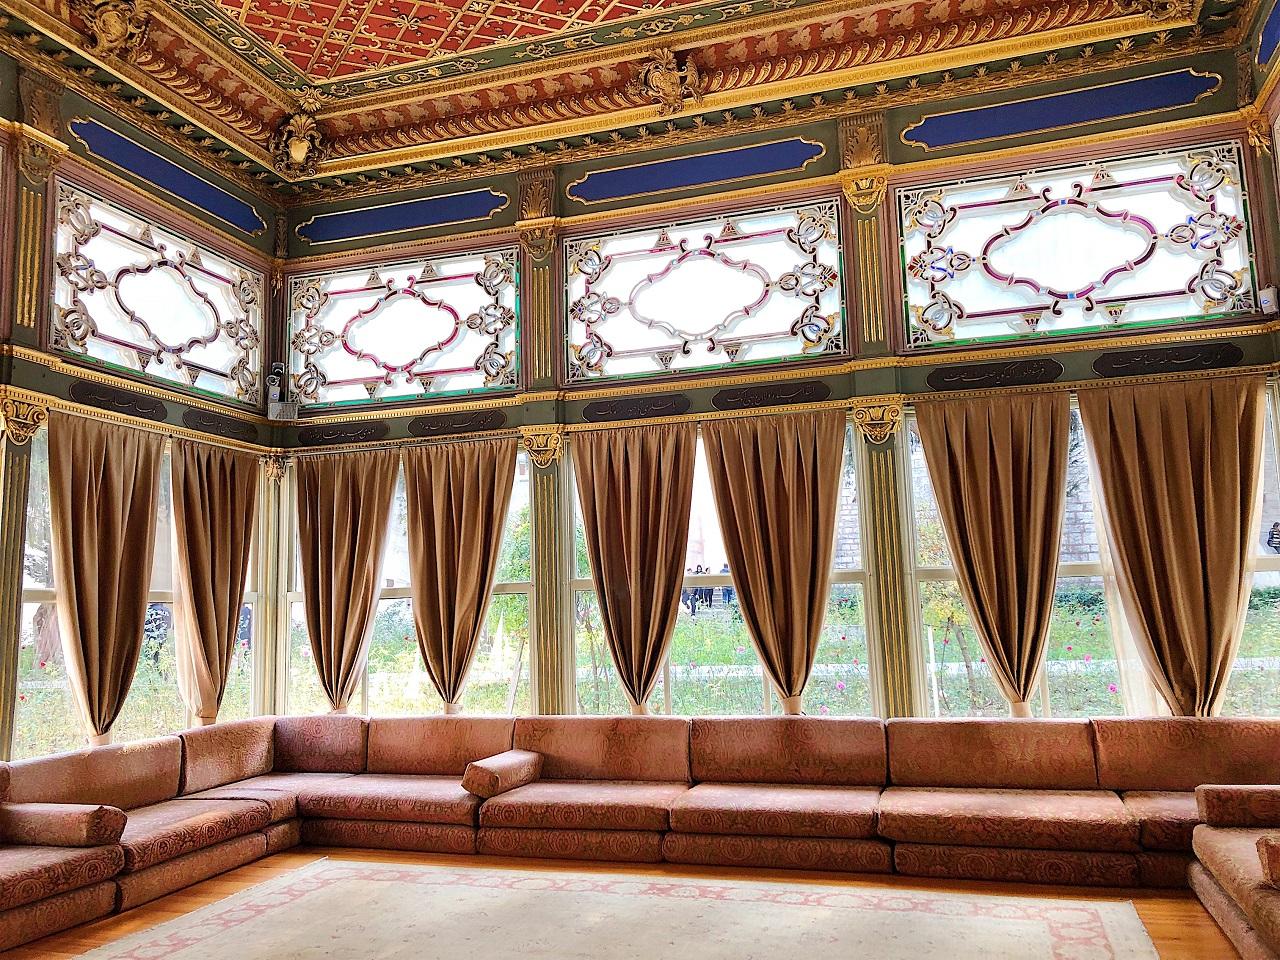 トプカプ宮殿 ムスタファ・パシャのキョシュク